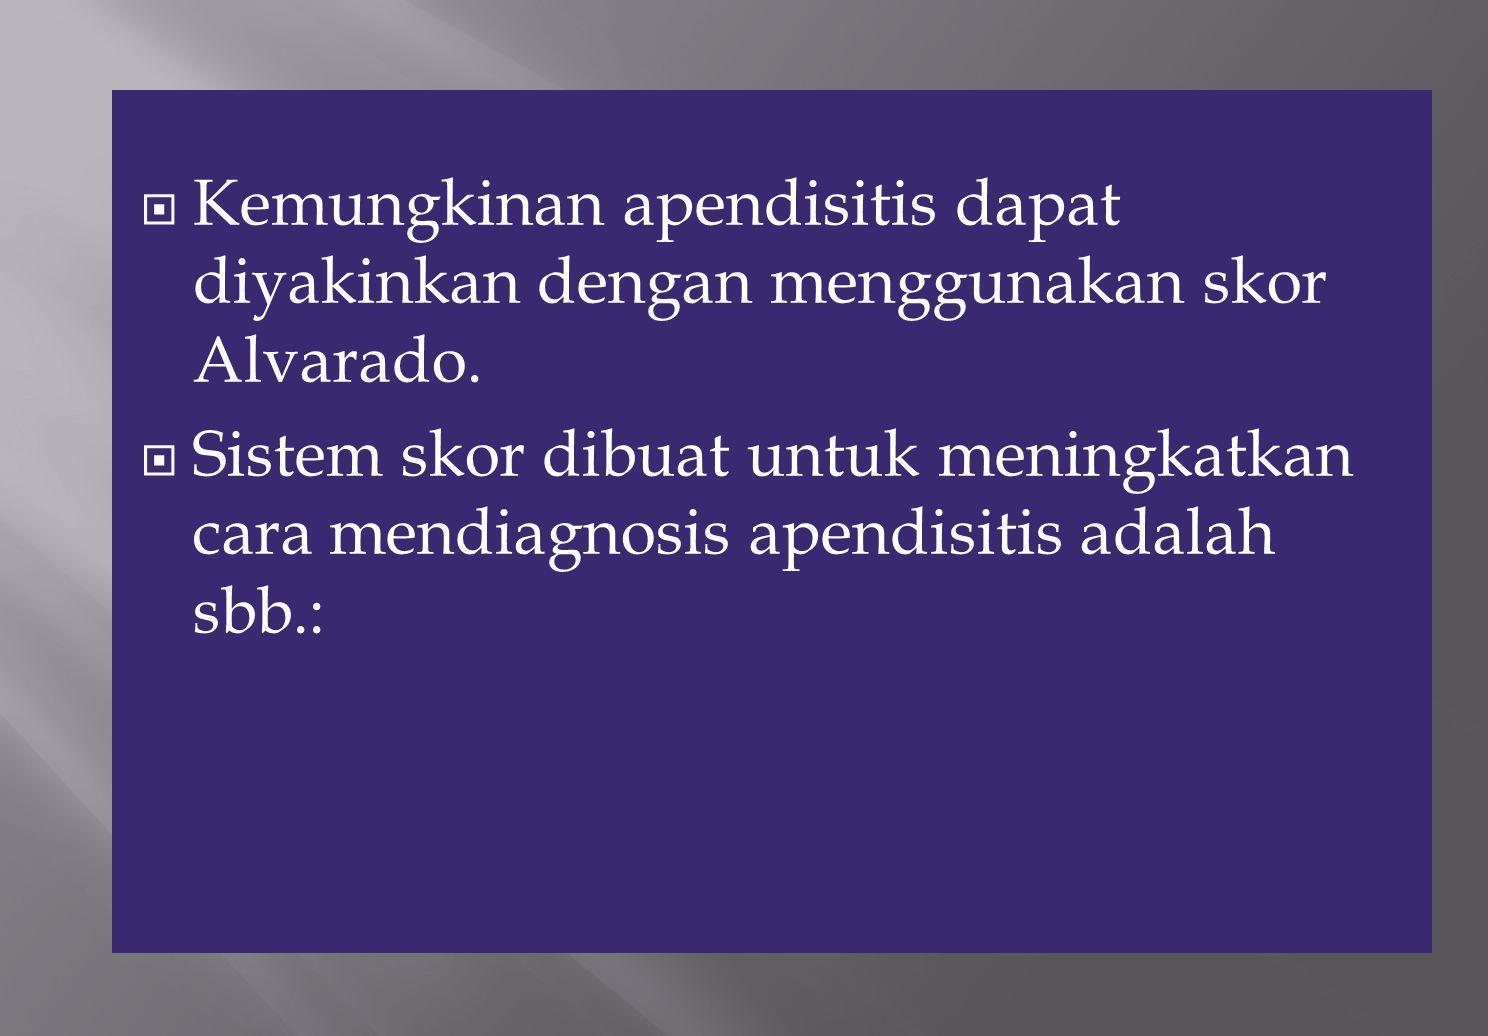 Kemungkinan apendisitis dapat diyakinkan dengan menggunakan skor Alvarado.